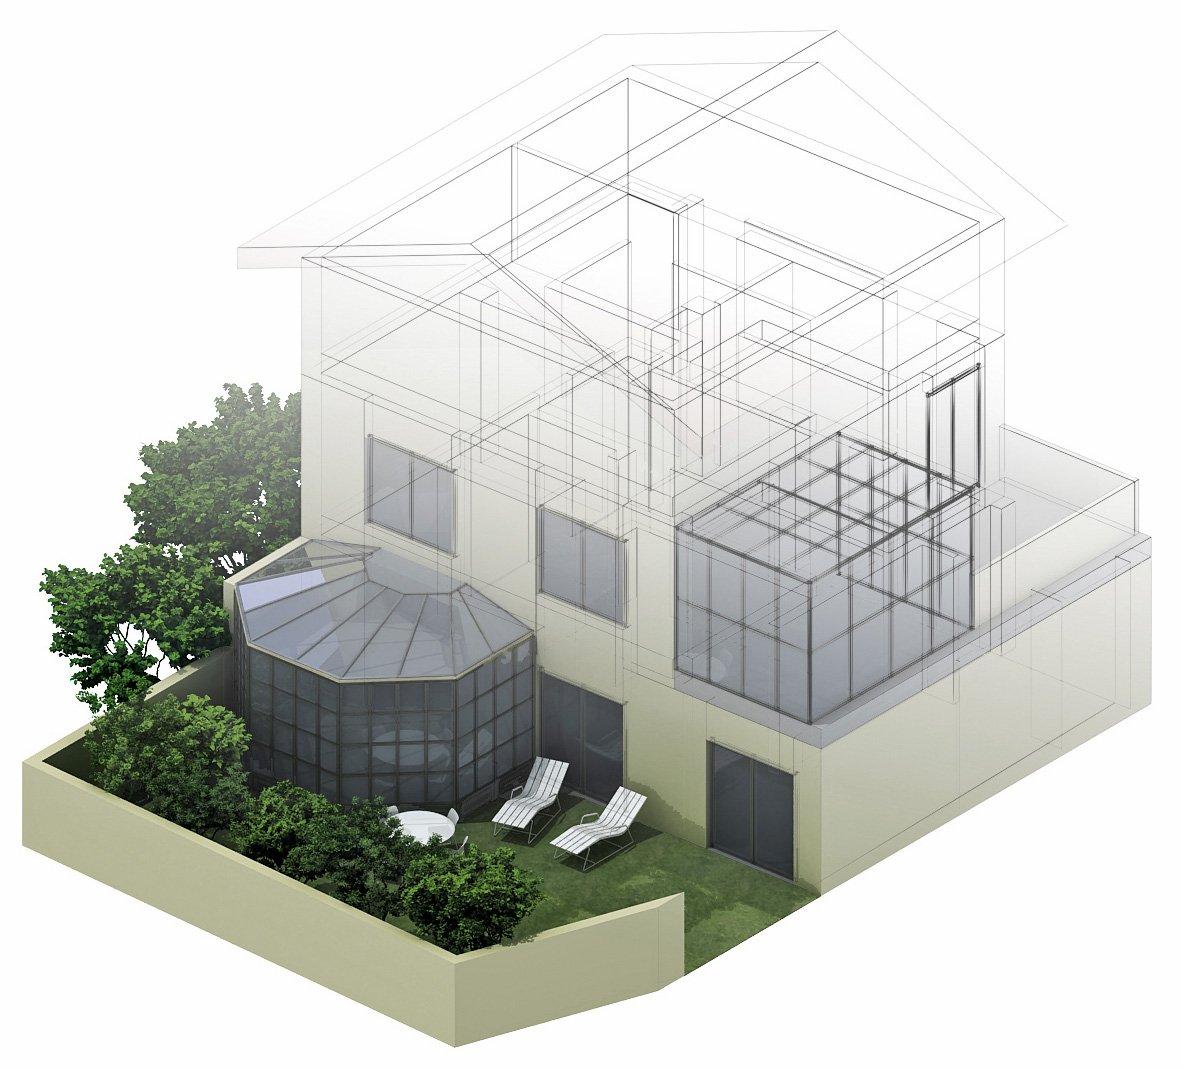 Interni di 67 56 50 mq: elogio della semplicità   cose di casa